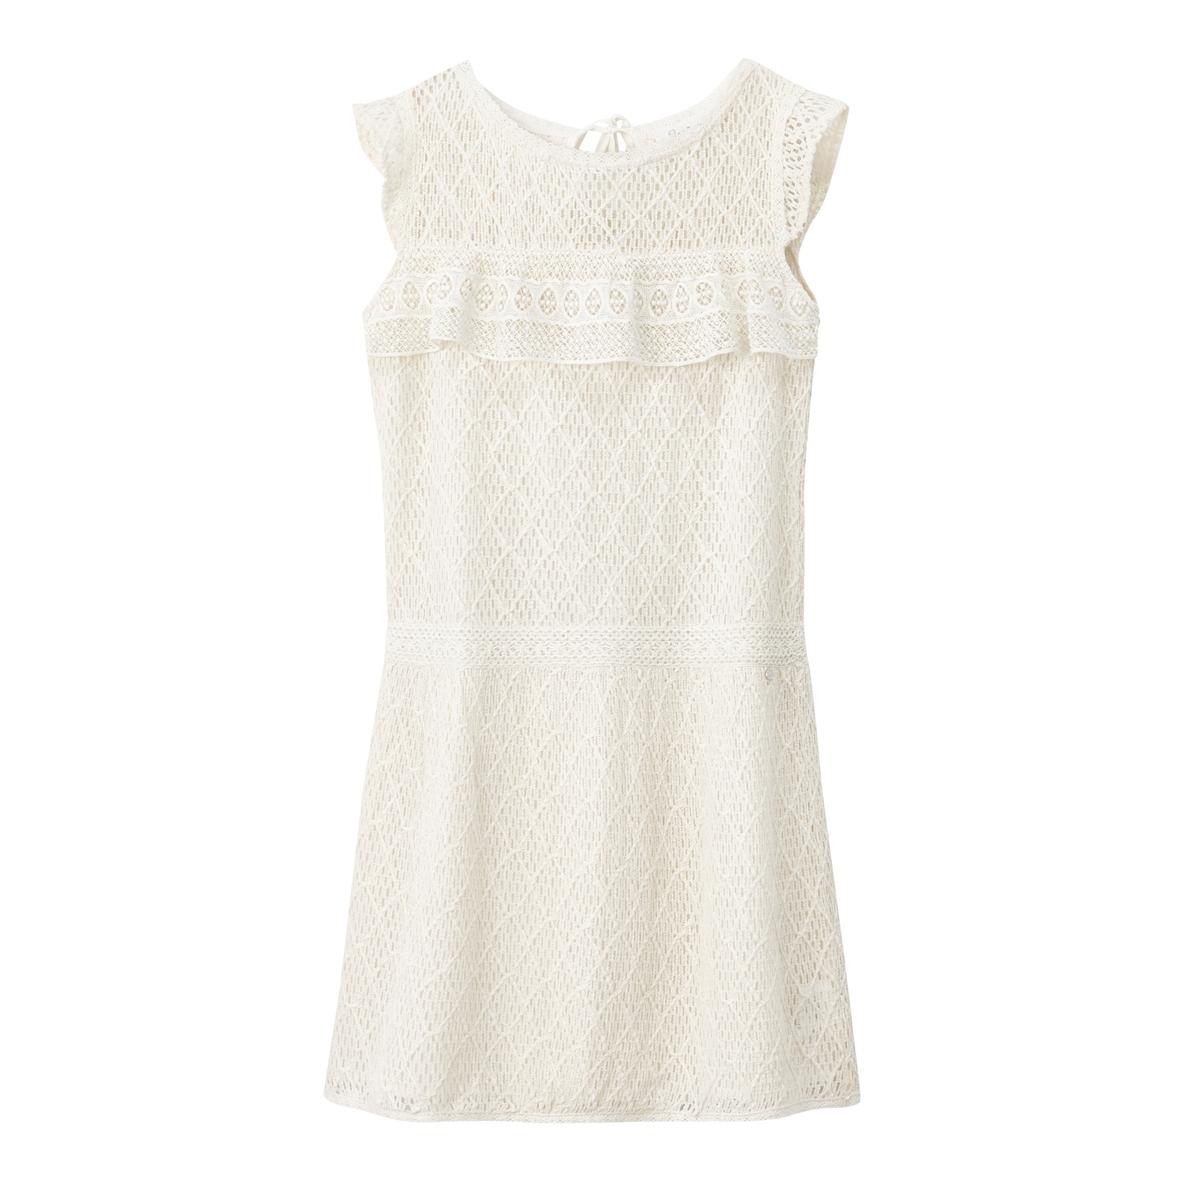 Платье короткое, с короткими рукавами, однотонноеОписание:Детали  •  Форма : расклешенная   •  Укороченная модель •  Короткие рукава    •  Без воротникаСостав и уход •  100% хлопок •  Следуйте советам по уходу, указанным на этикетке<br><br>Цвет: белый<br>Размер: L.M